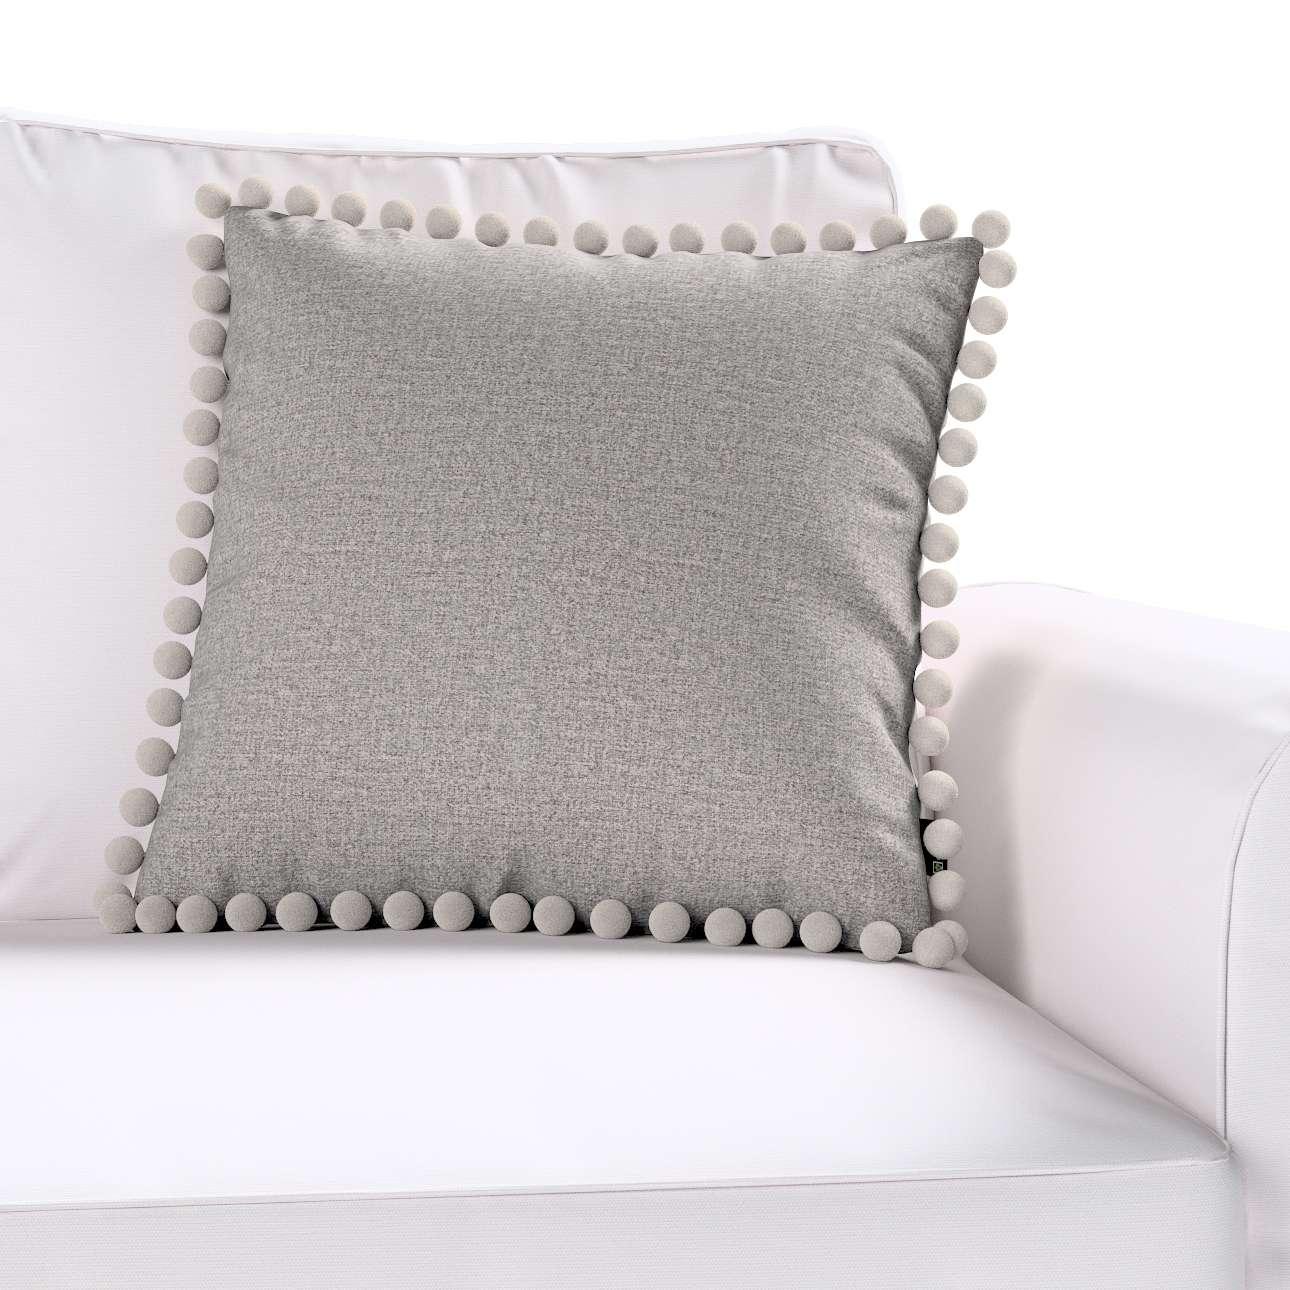 Poszewka Wera na poduszkę w kolekcji Edinburgh, tkanina: 115-81